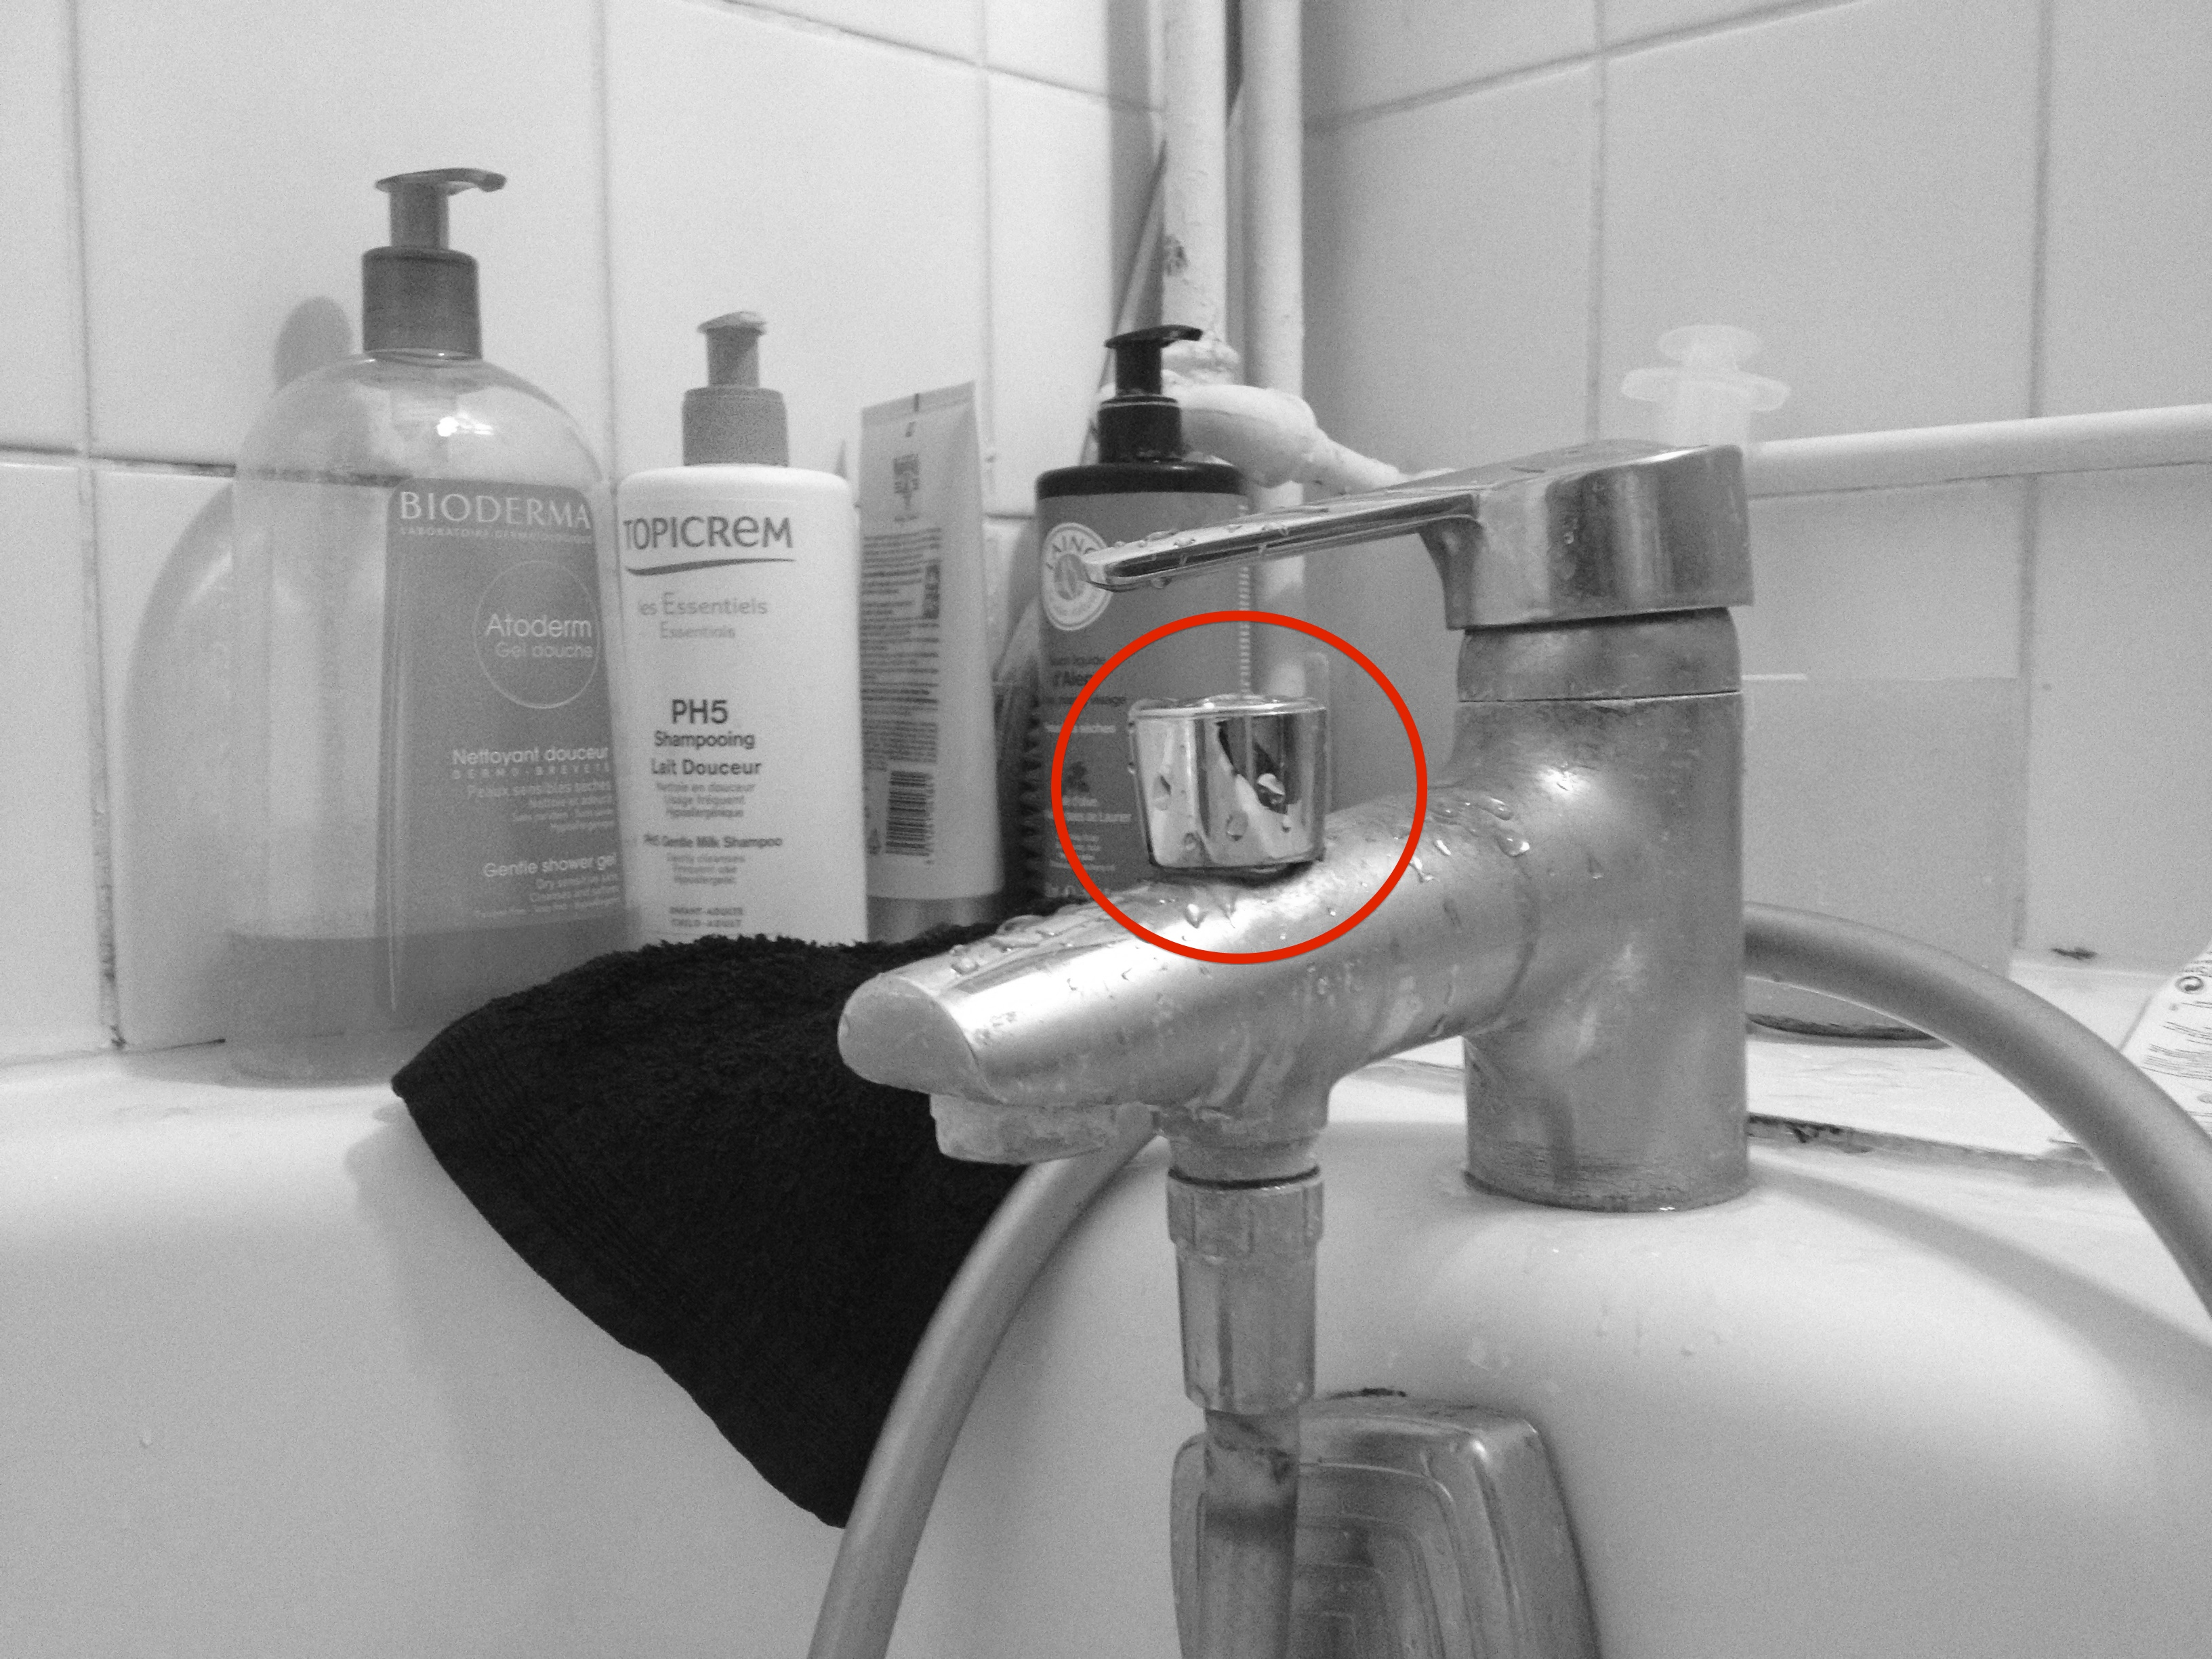 Il d cide de prendre une douche avec sa femme et se fait violer par son bouchon yzgeneration - Comment prendre une douche rapidement ...